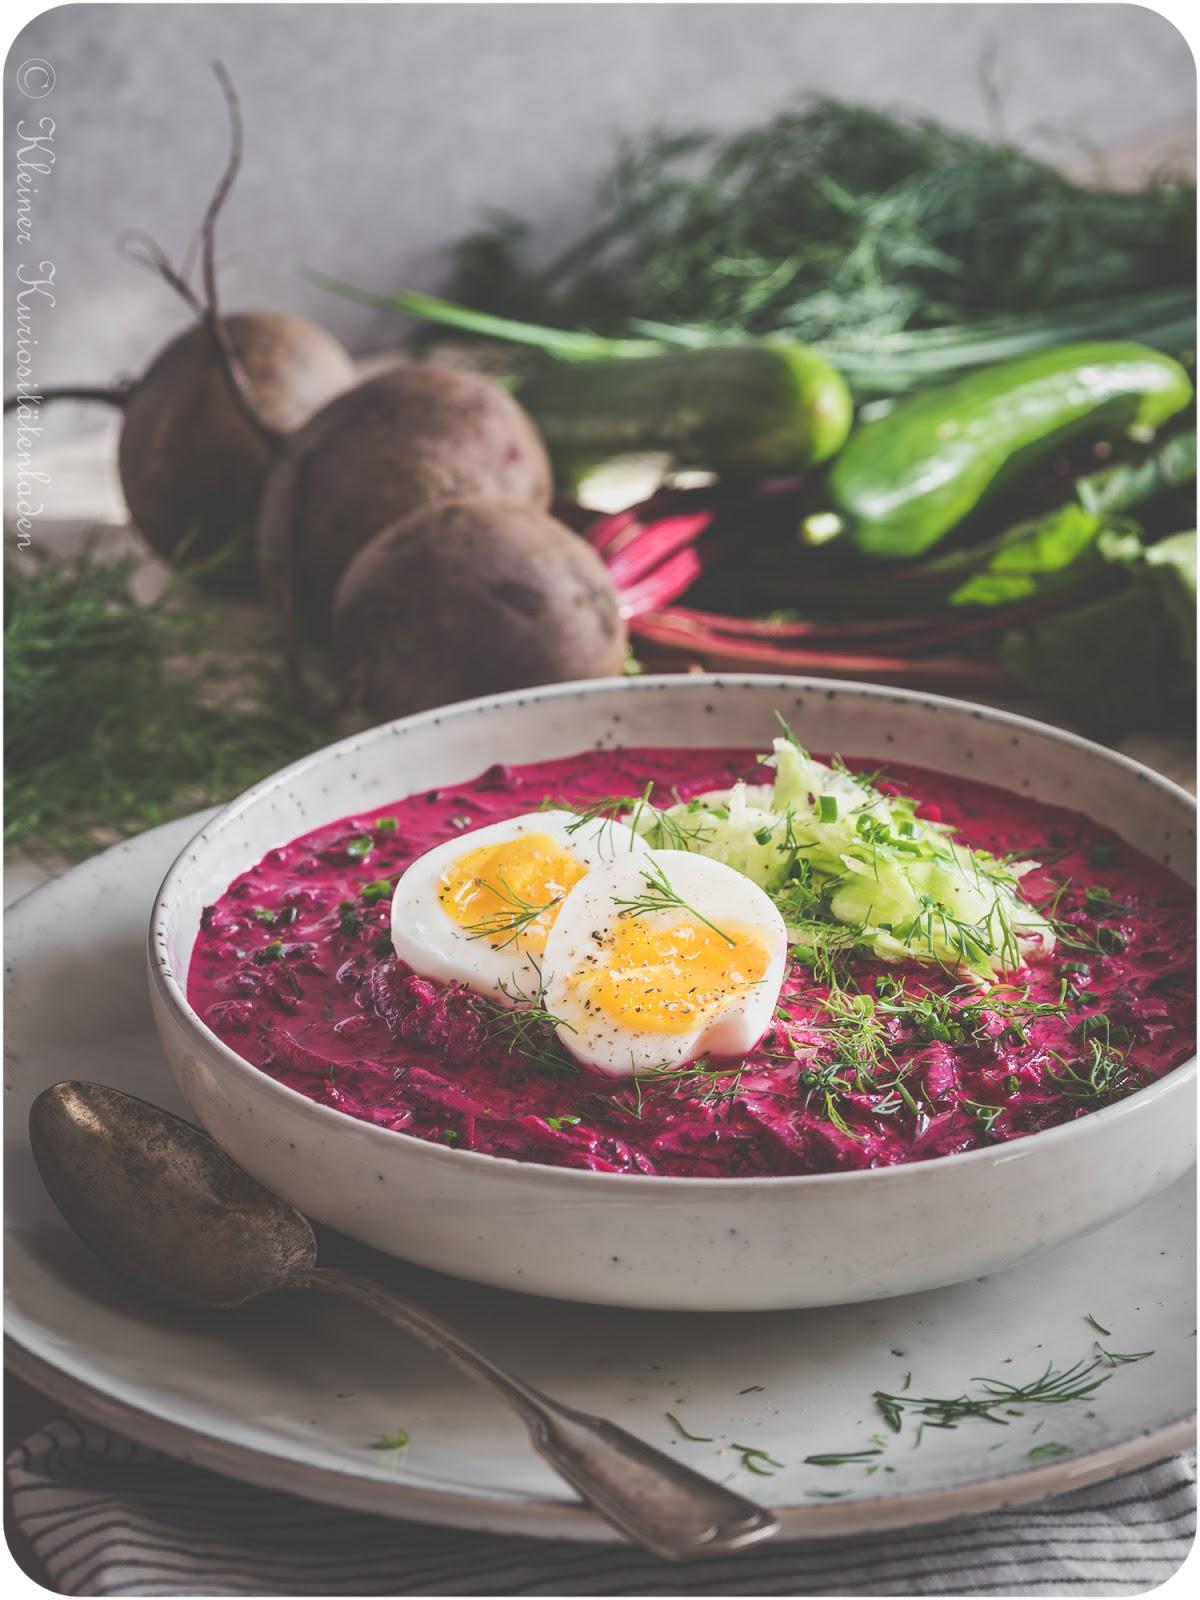 Chlodnik | Kalte Rote-Bete-Suppe mit wachsweichem Ei